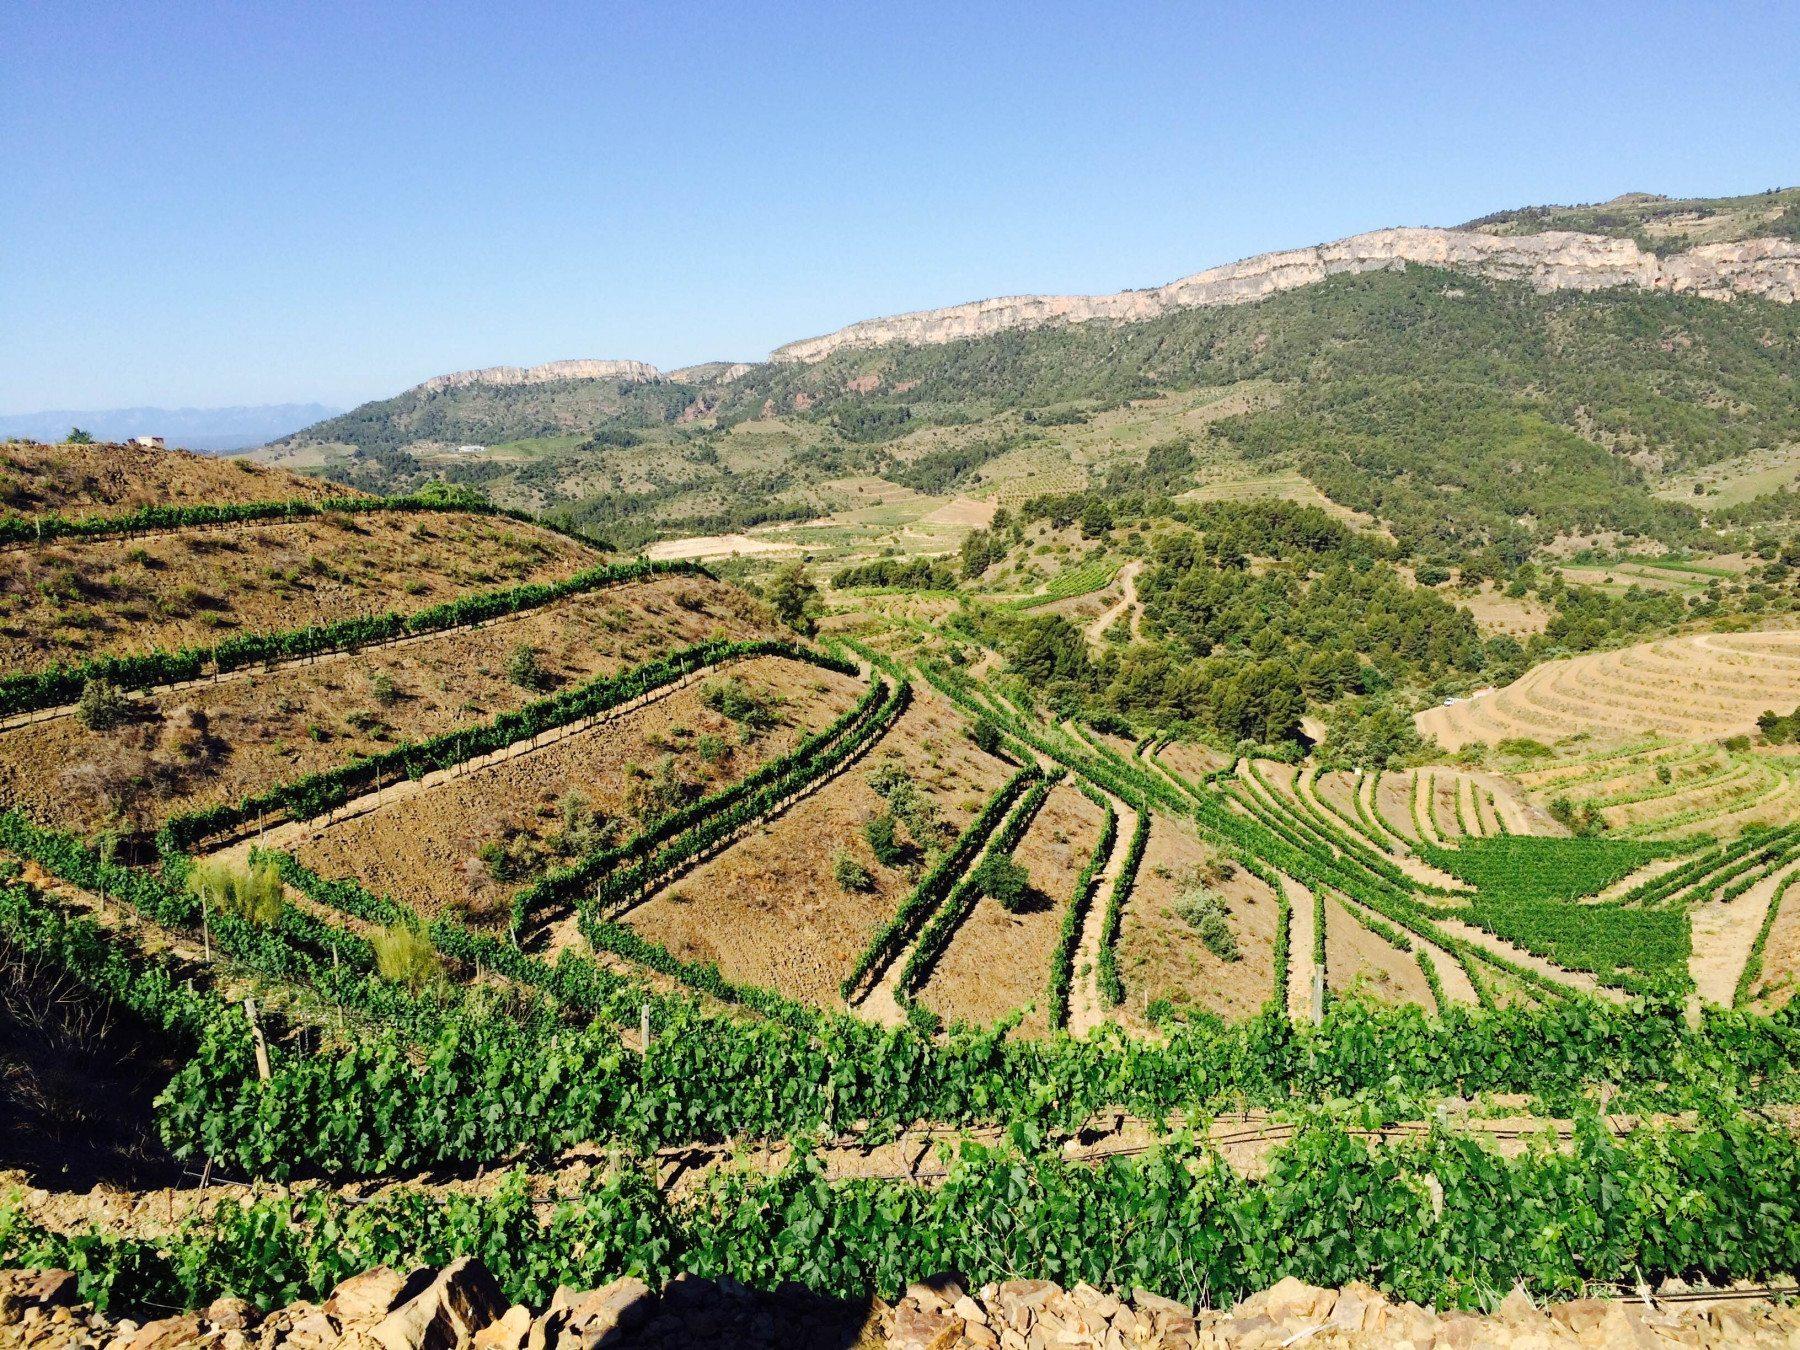 Visita a bodega y cata de vinos - Tarragona